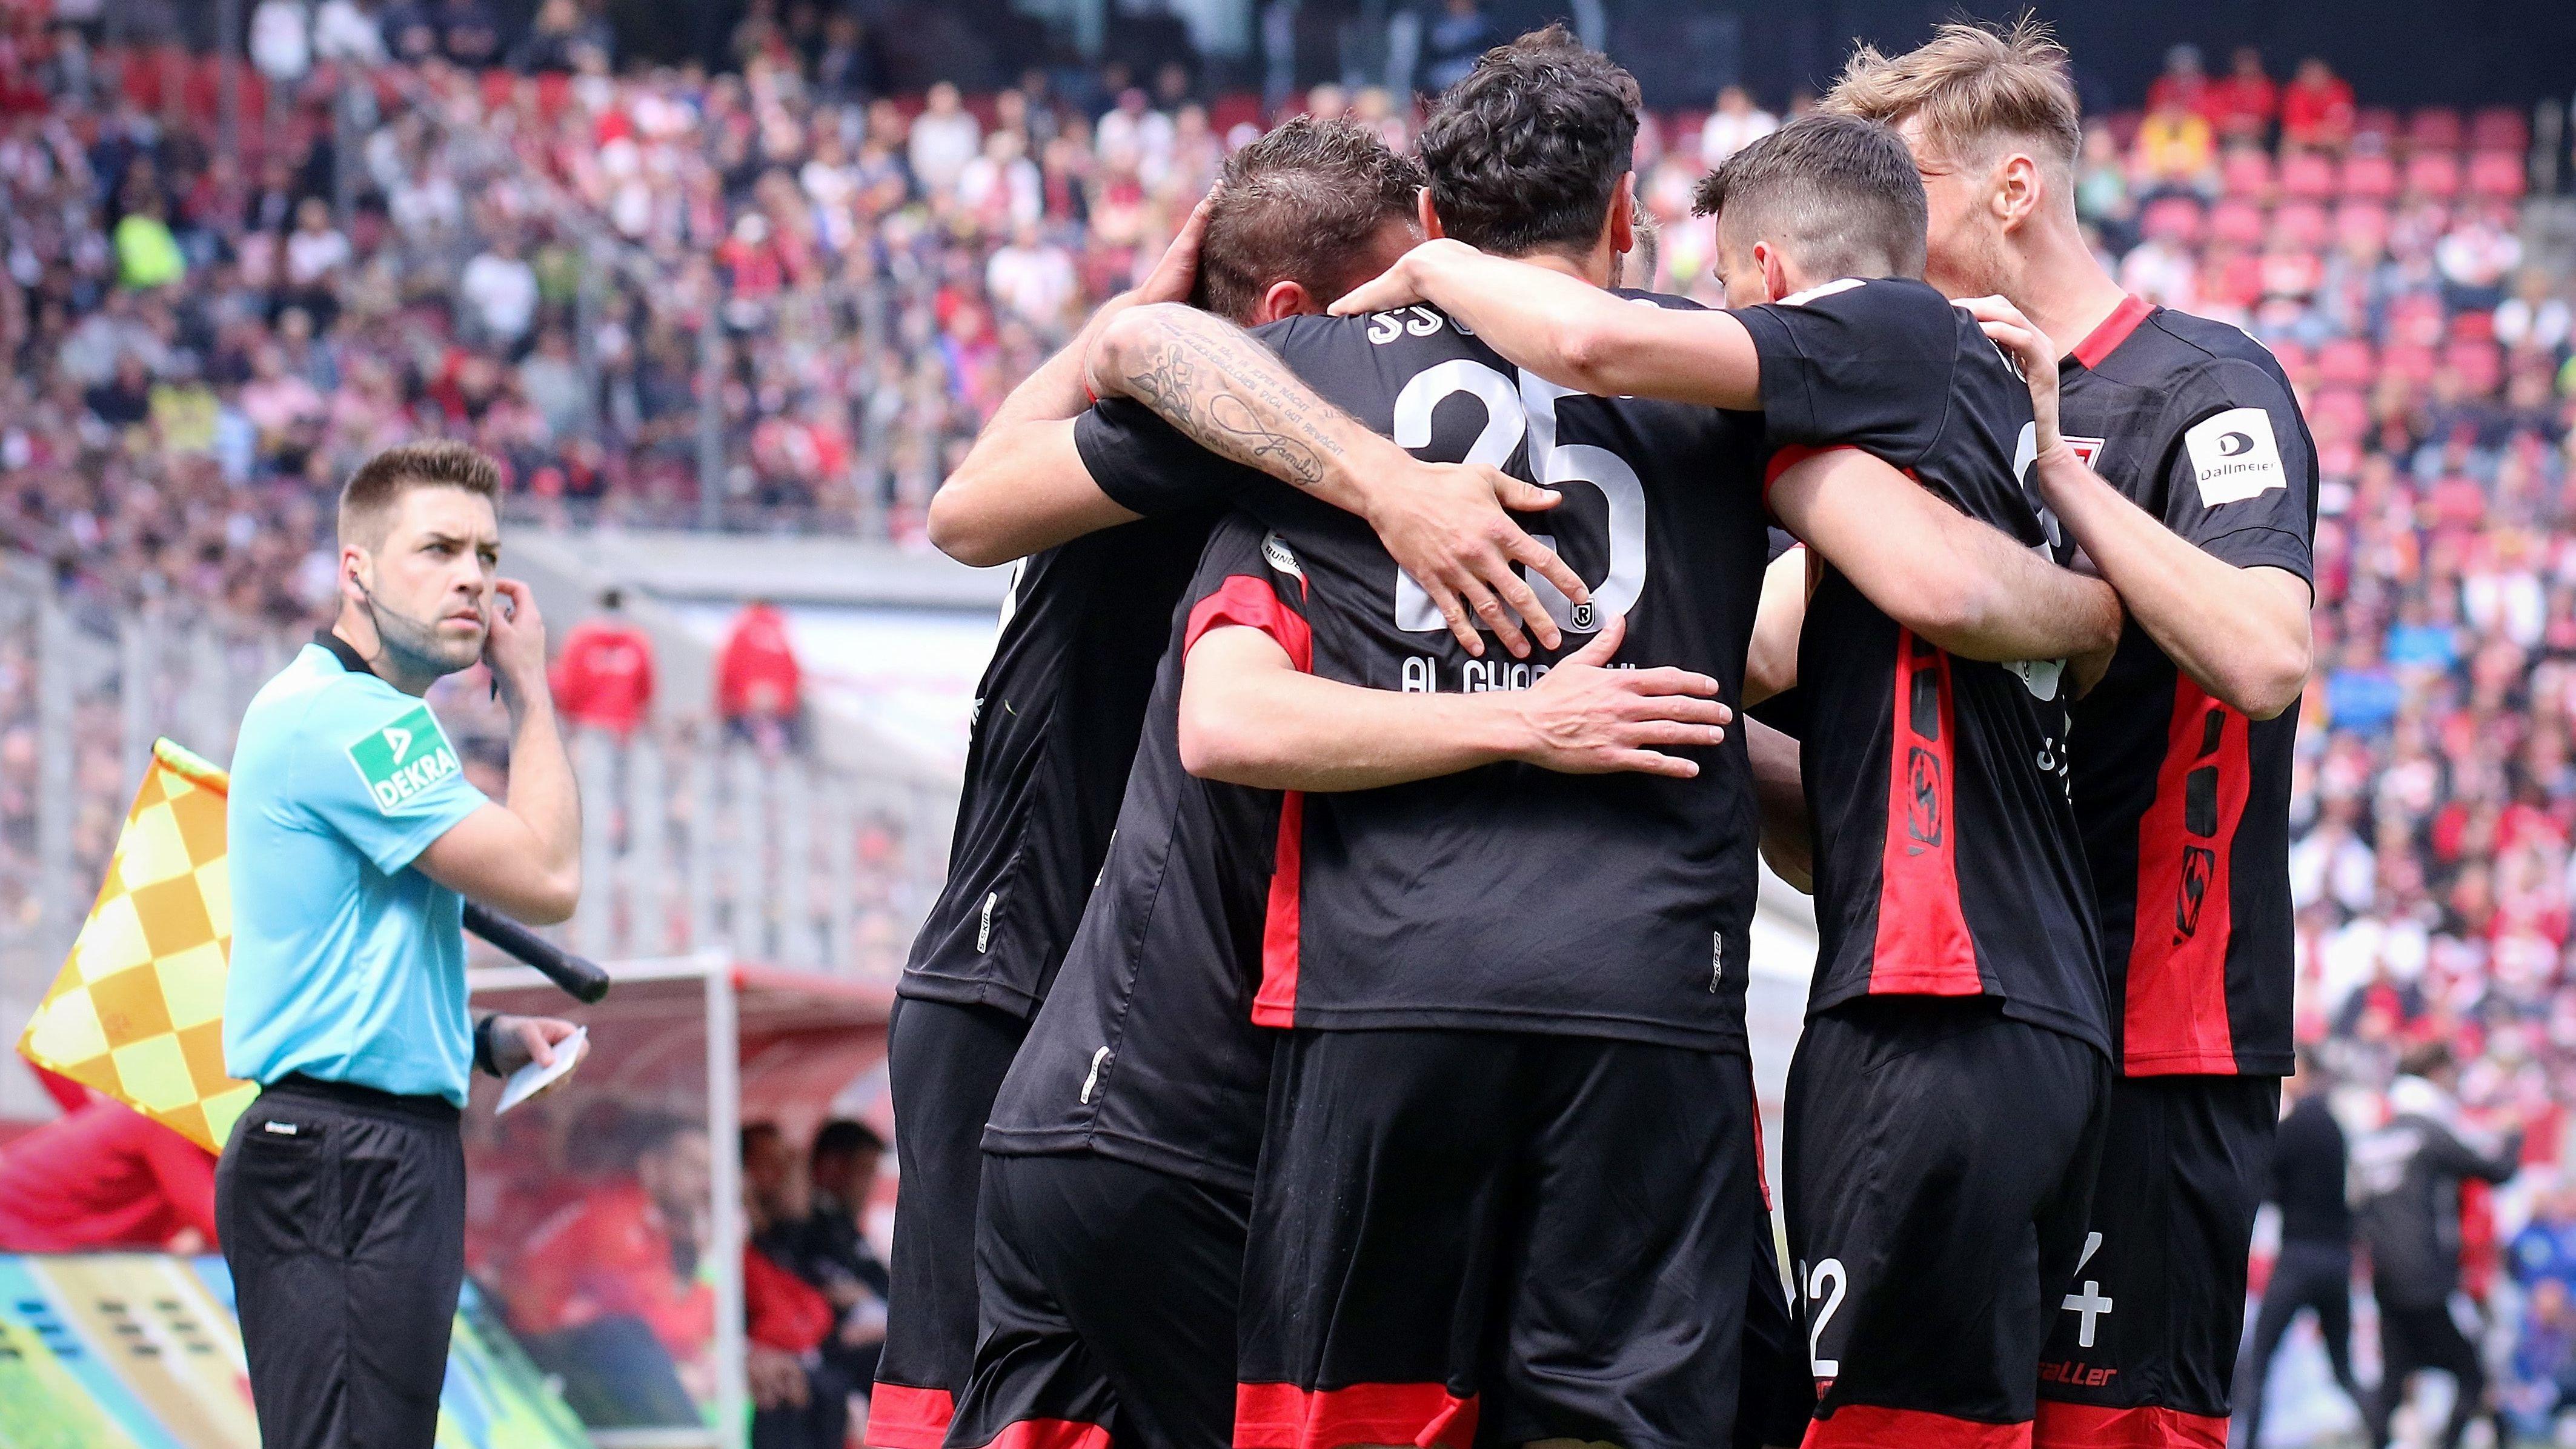 Regensburger Spieler bejubeln ein Tor